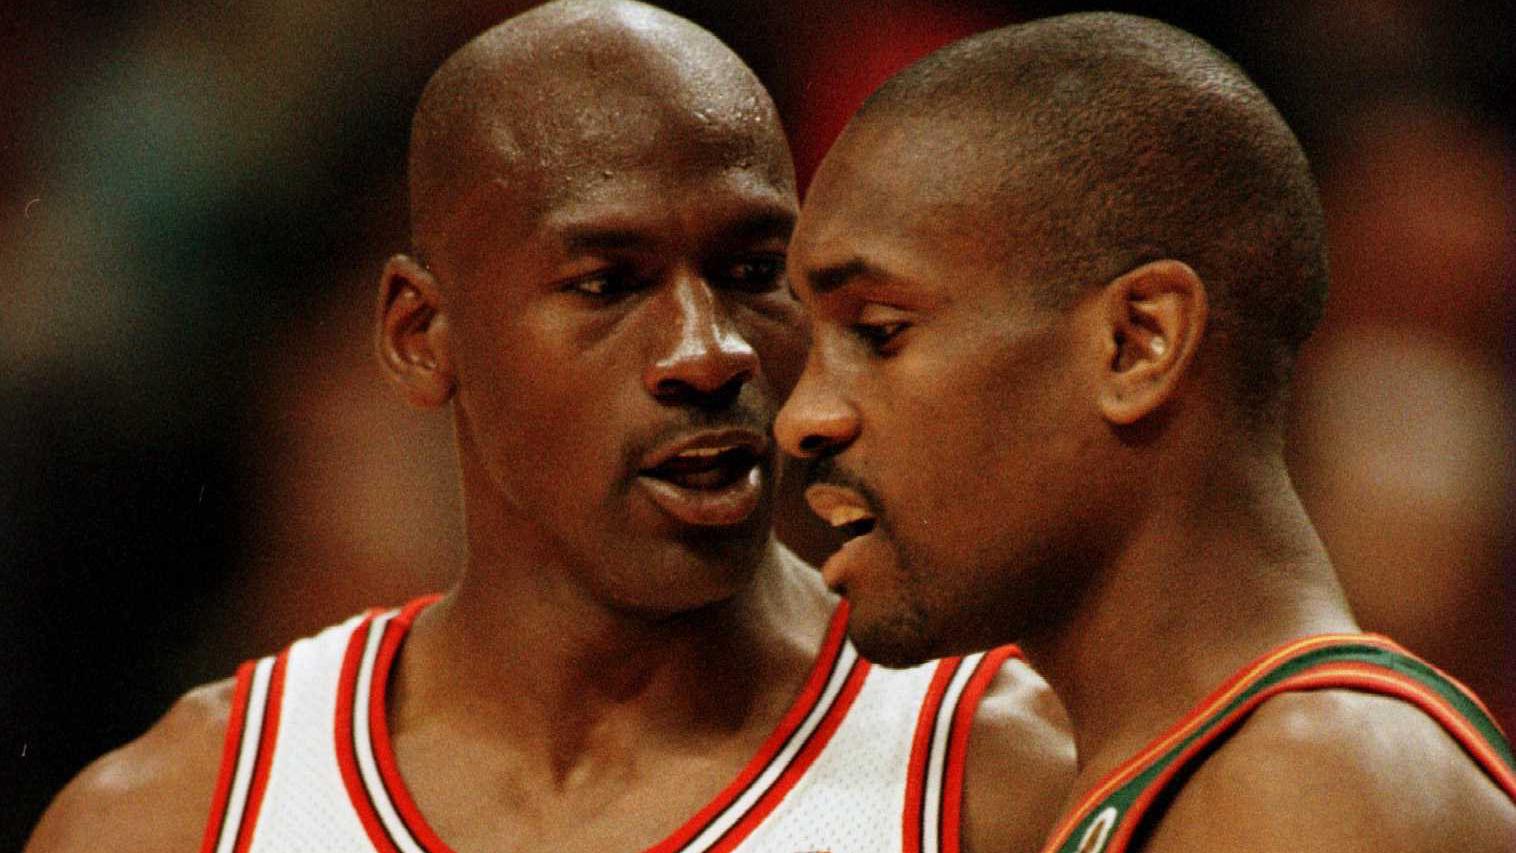 Michael Jordan laughs at Gary Payton, says 'The Glove' couldn't guard him 1